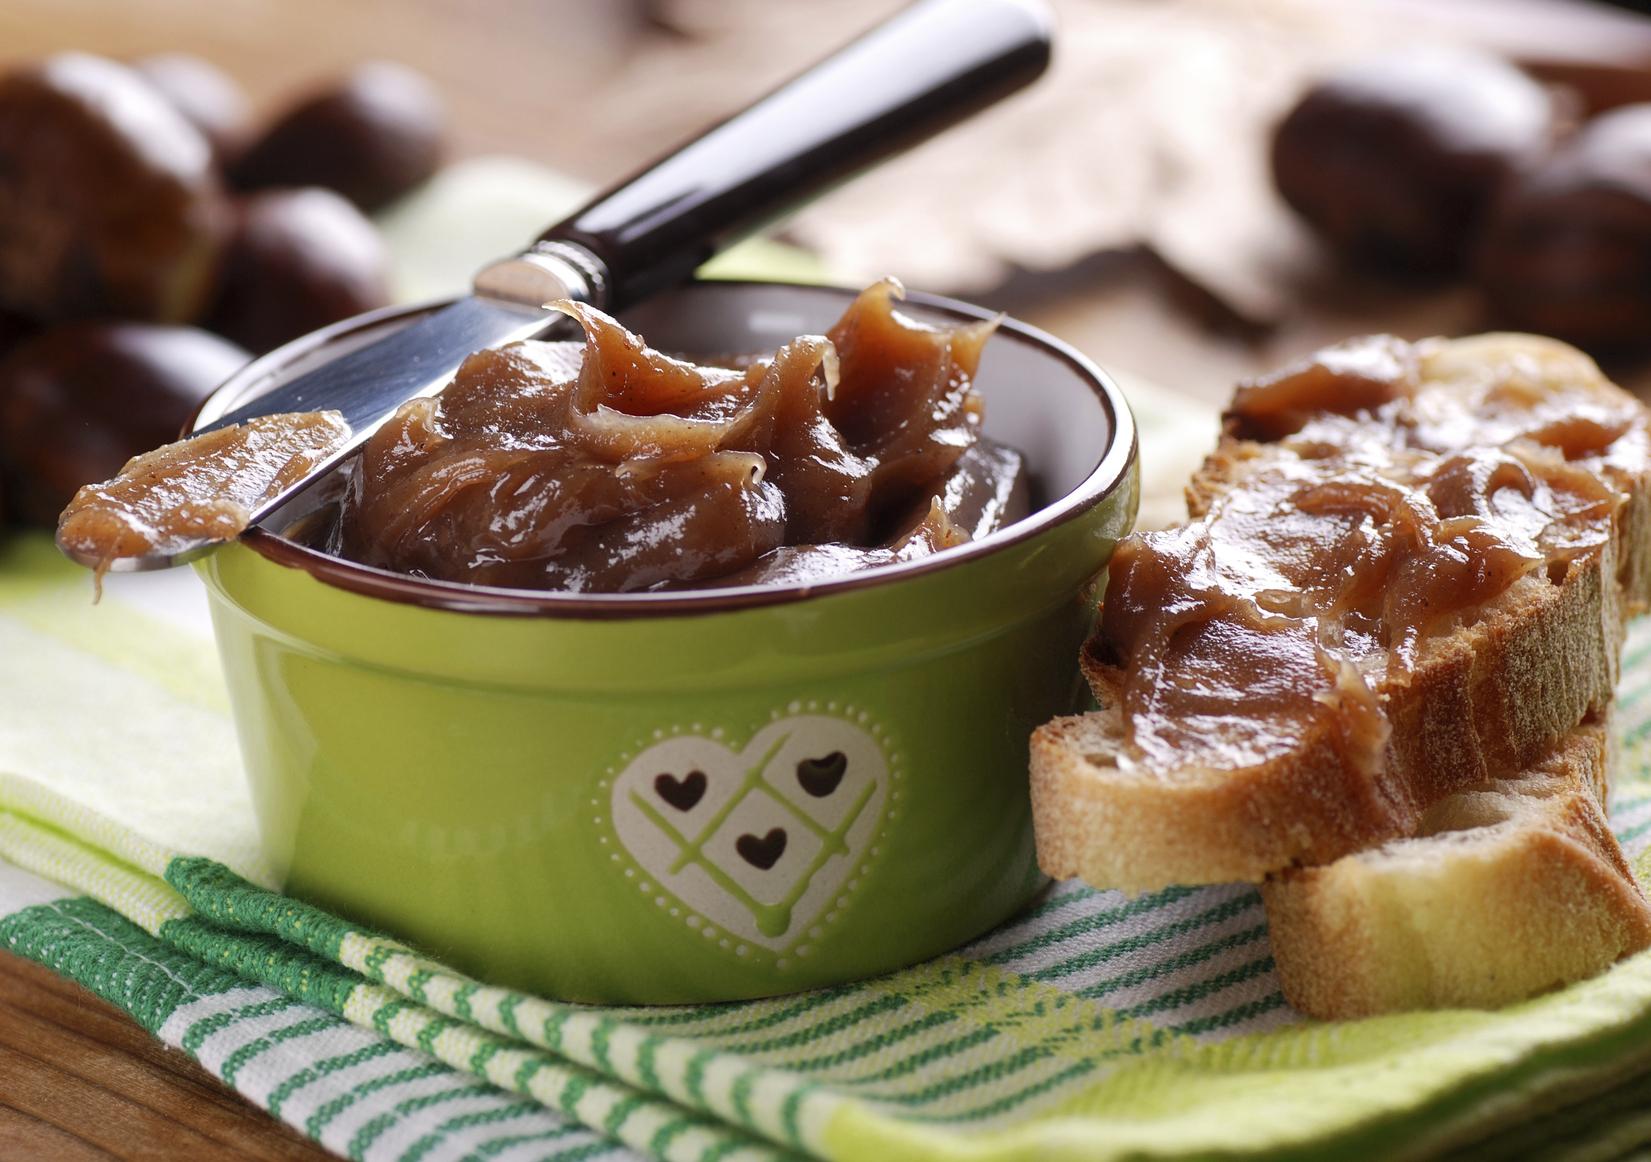 Marmellata di castagne: la ricetta fatta in casa